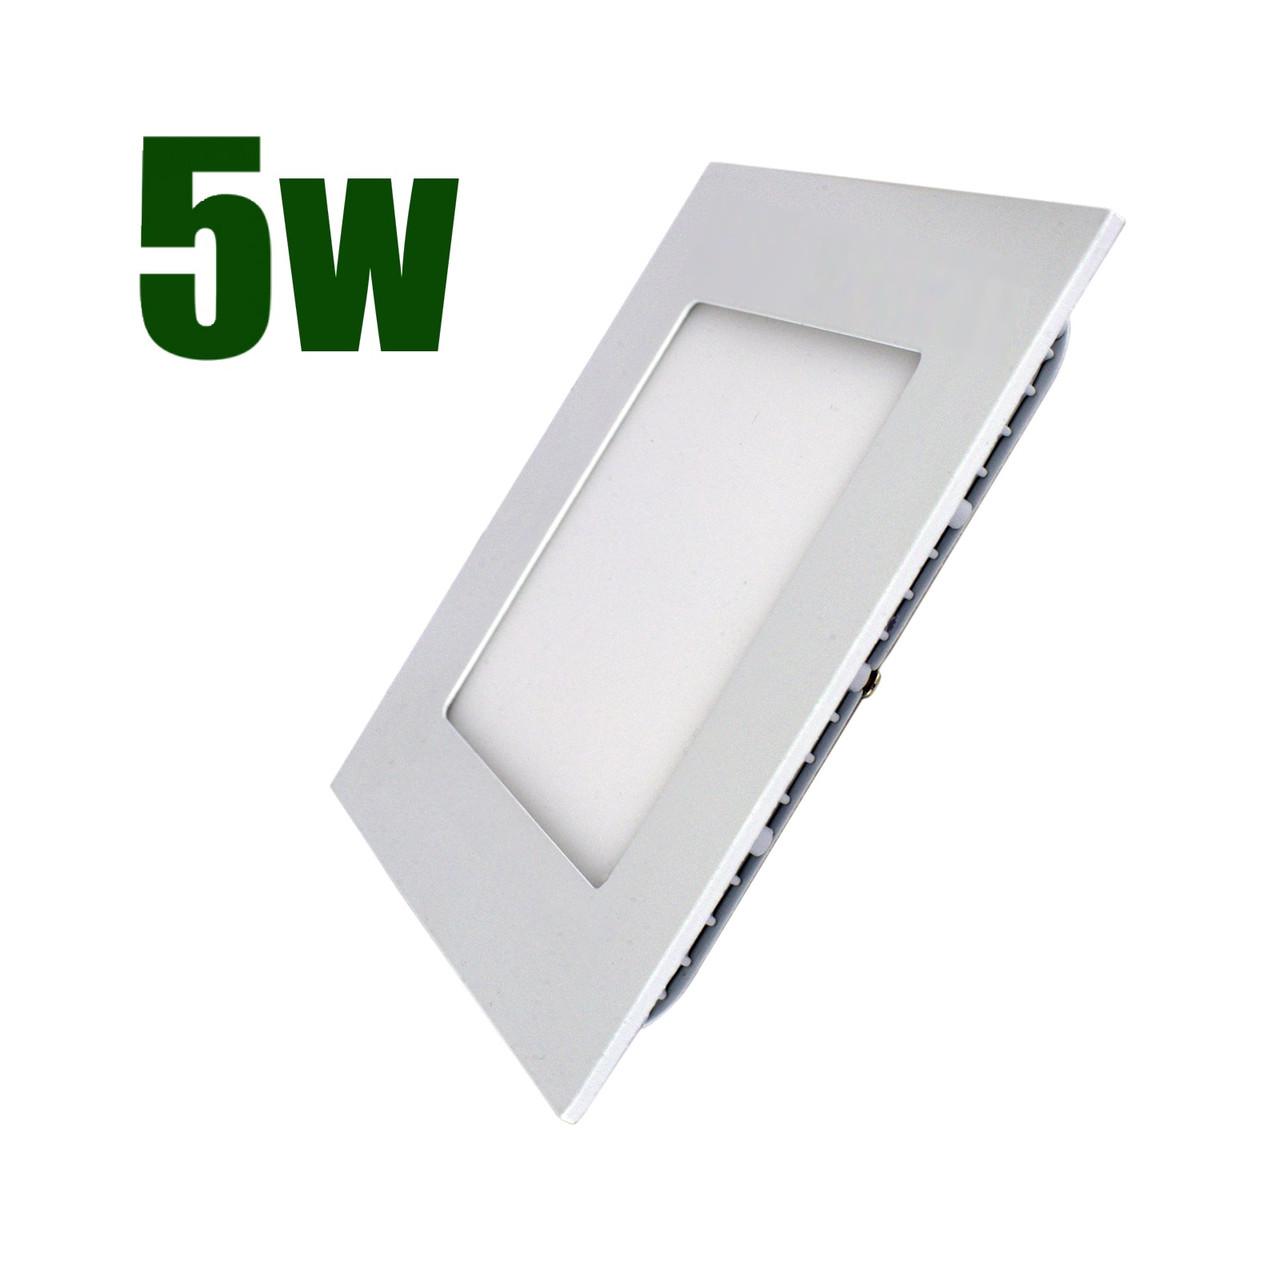 Светильник светодиодный встраиваемый LEDEX 5Вт 4000K 400lm квадрат белый (102237)